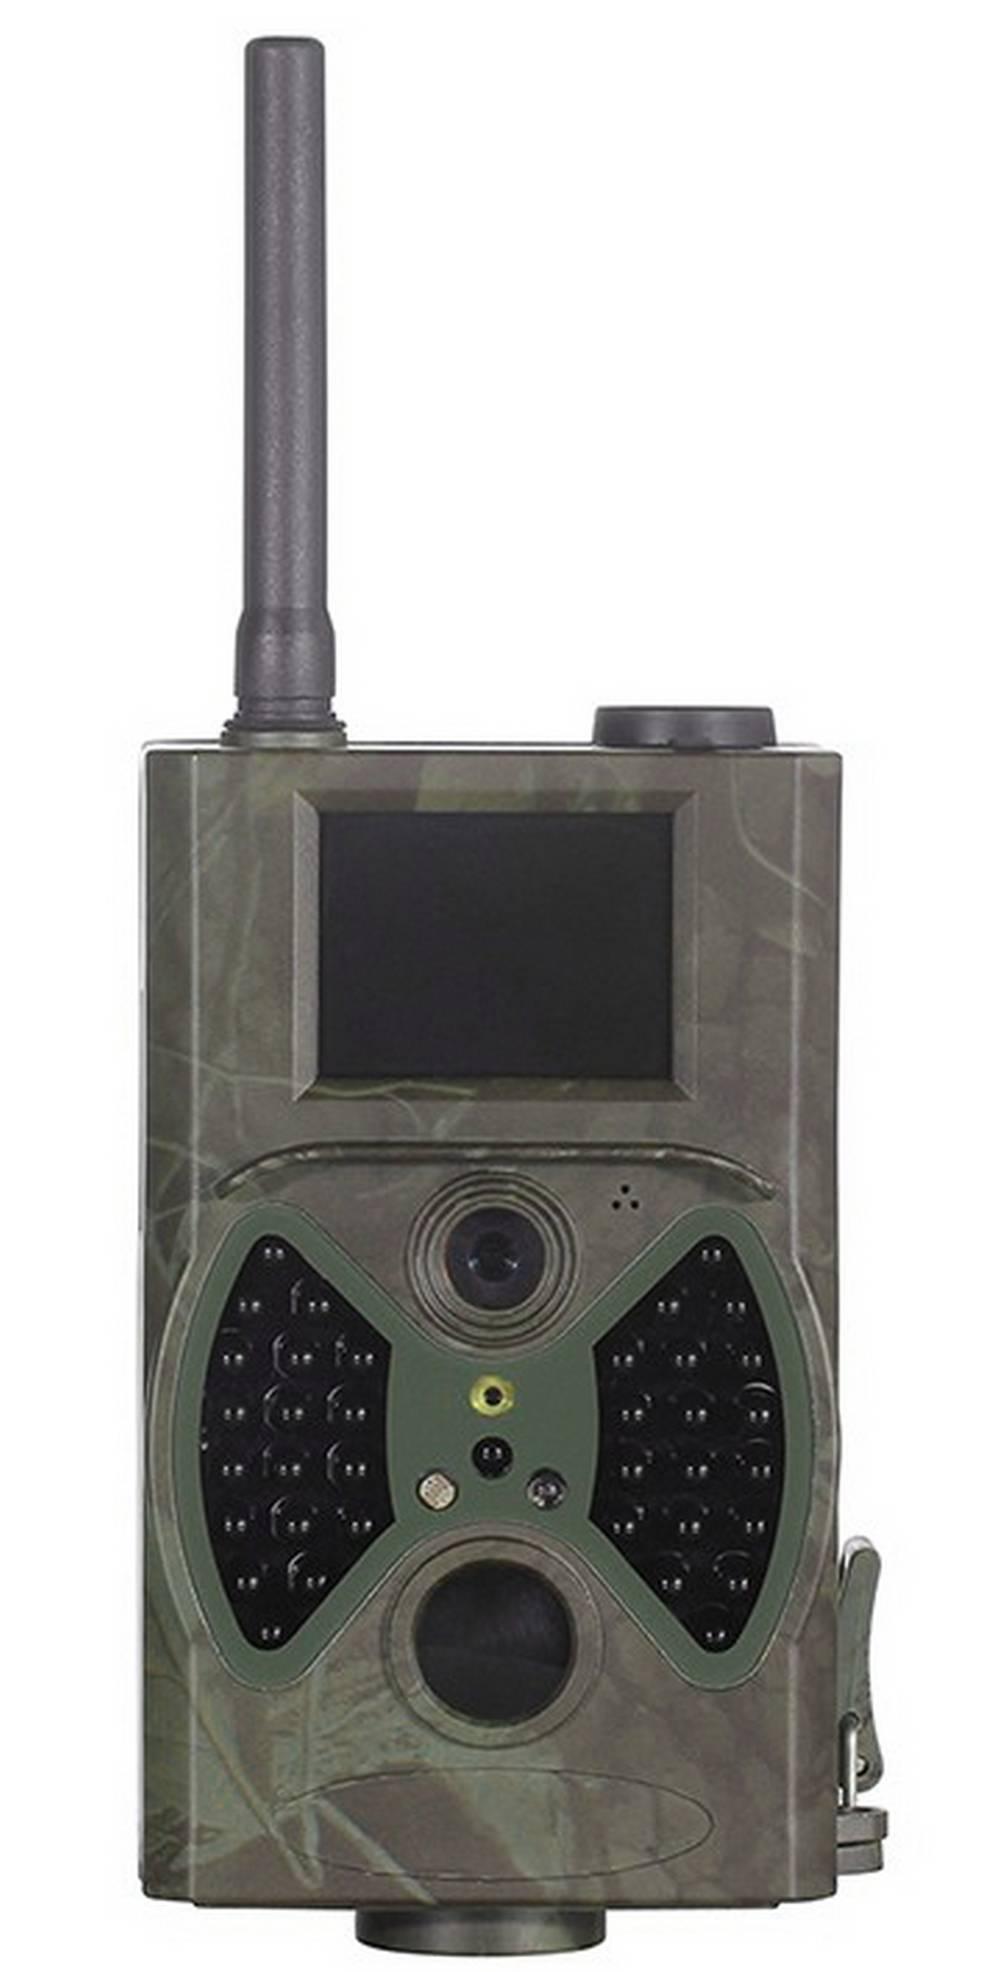 Καταγραφική Κάμερα Εξωτερικού Χώρου HC-350G 1080p FullHD, Ανιχνευτή Κινήσεων, Νυχτερινή Λειτουργία, Καταγραφή Φωτό & Βίντεο